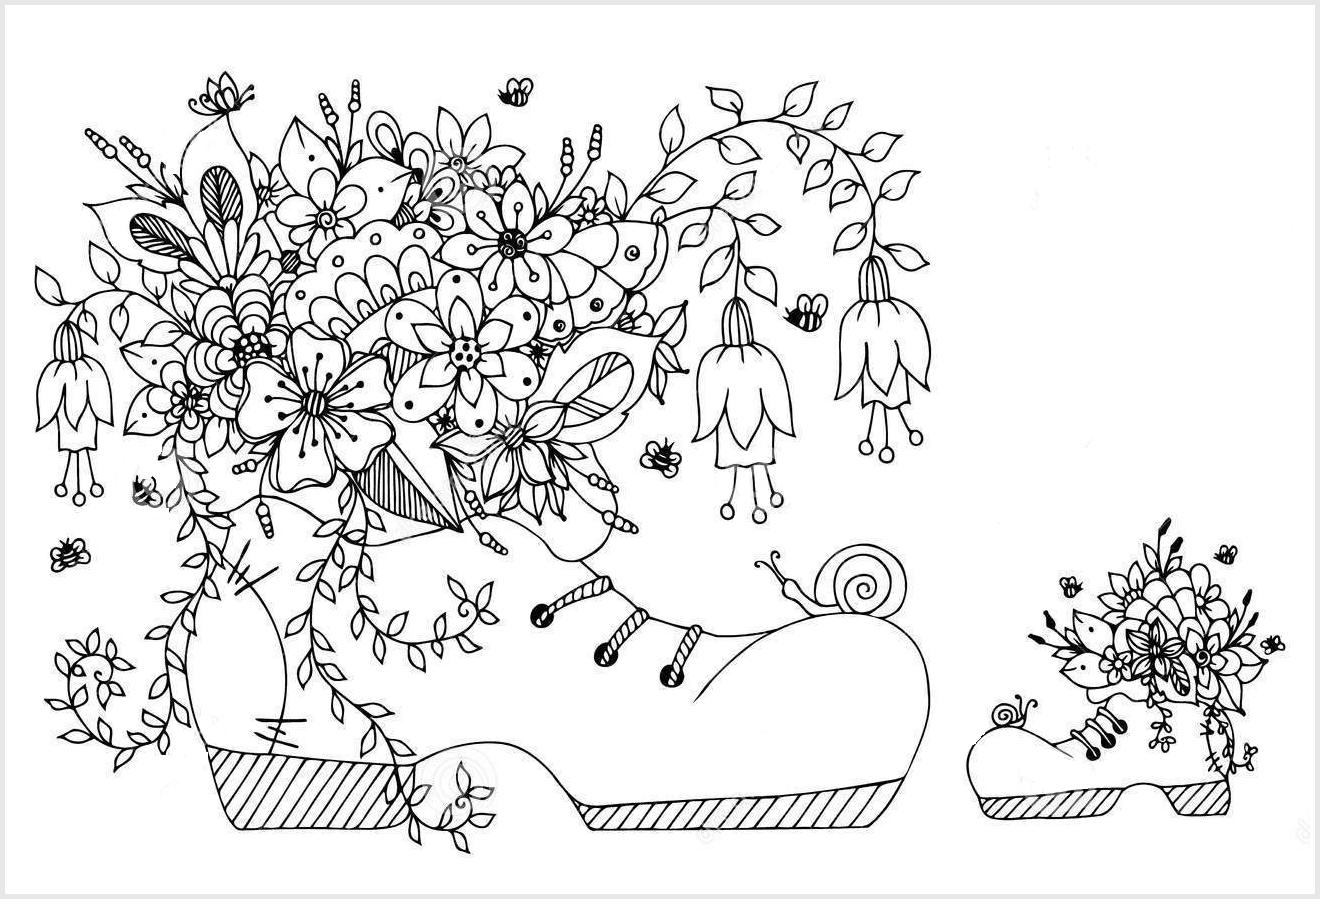 розмальовки антистрес для дорослих, раскраски антистрес для взрослый